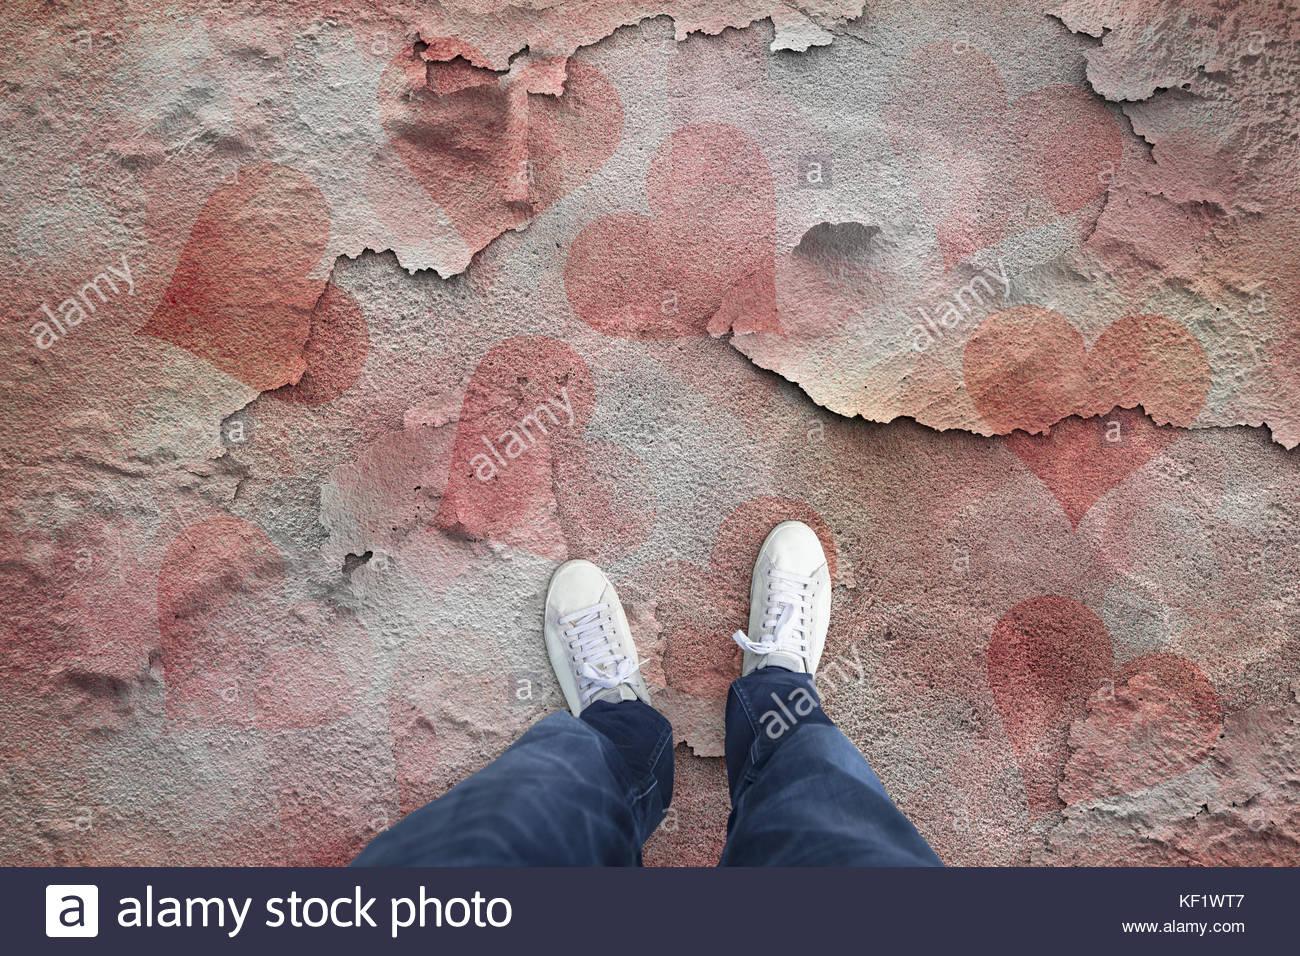 Homme debout sur le sol fissuré et cassé avec peint de couleur rouge pourpre coeurs. point de vue personnel Photo Stock